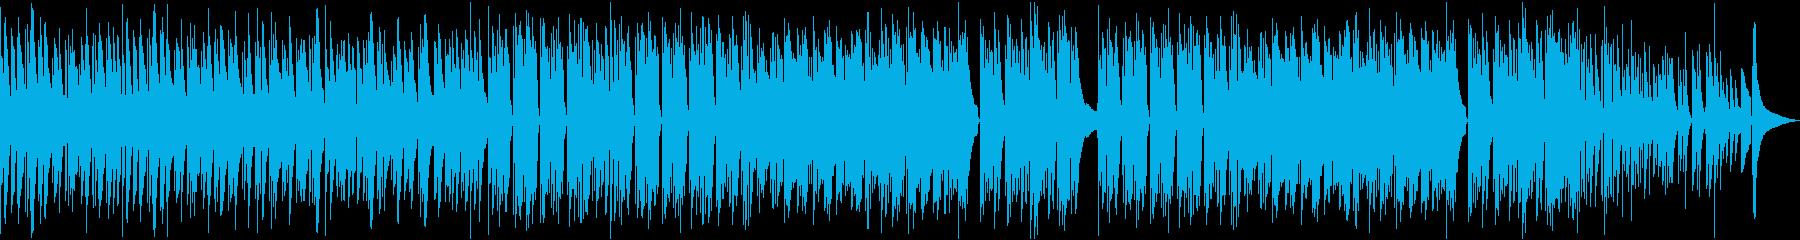 アコギのみ使用 爽やかな映像用BGMの再生済みの波形